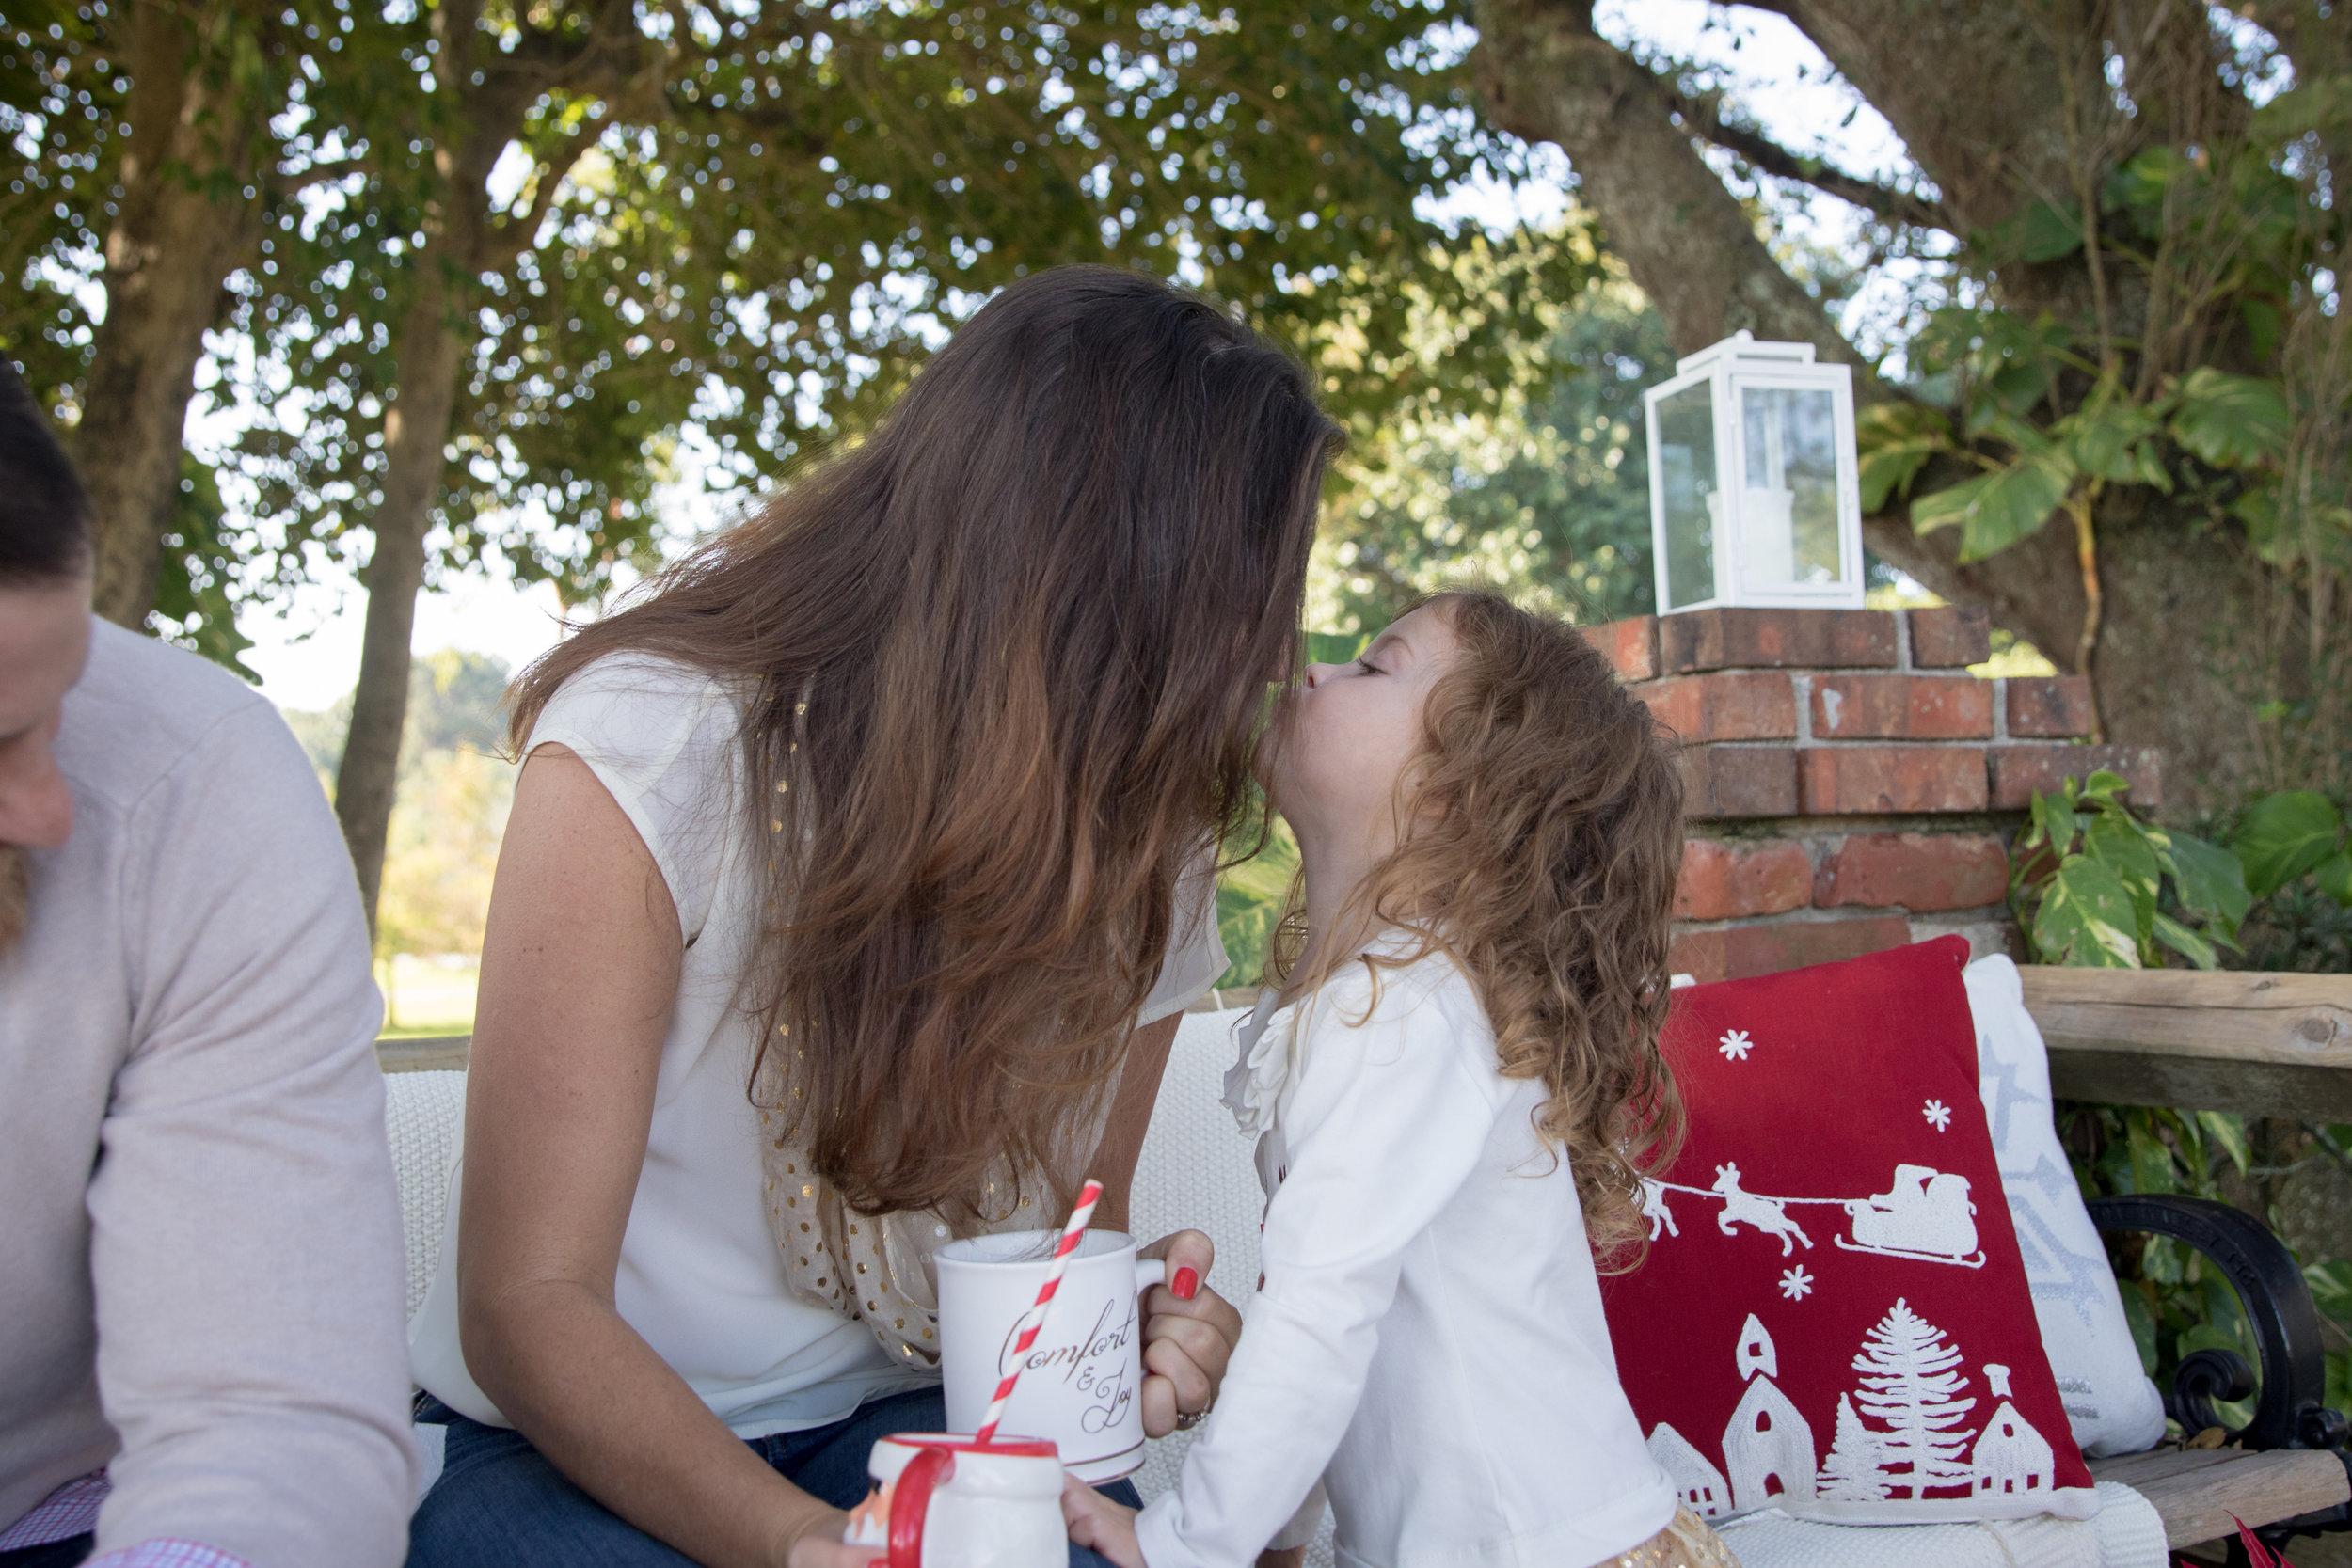 11-19-16_MorrisonFamily_Christmas-135.jpg